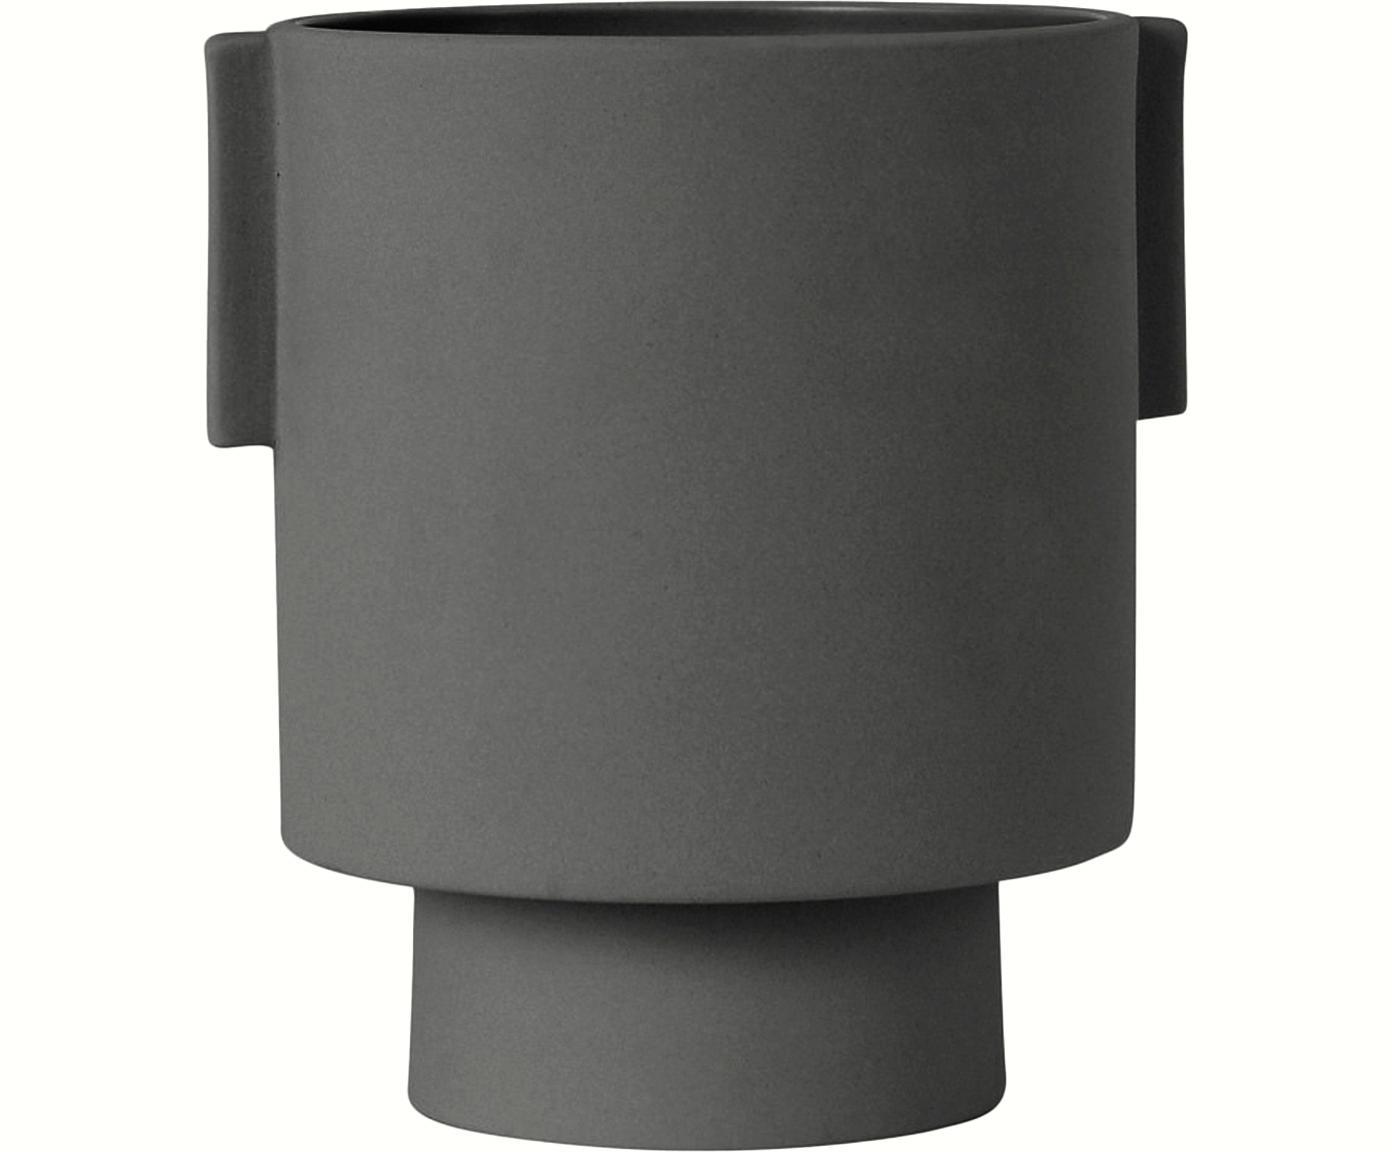 Ręcznie wykonana osłonka na doniczkę Ika Kana, Ceramika, Ciemny szary, Ø 15 x W 16 cm